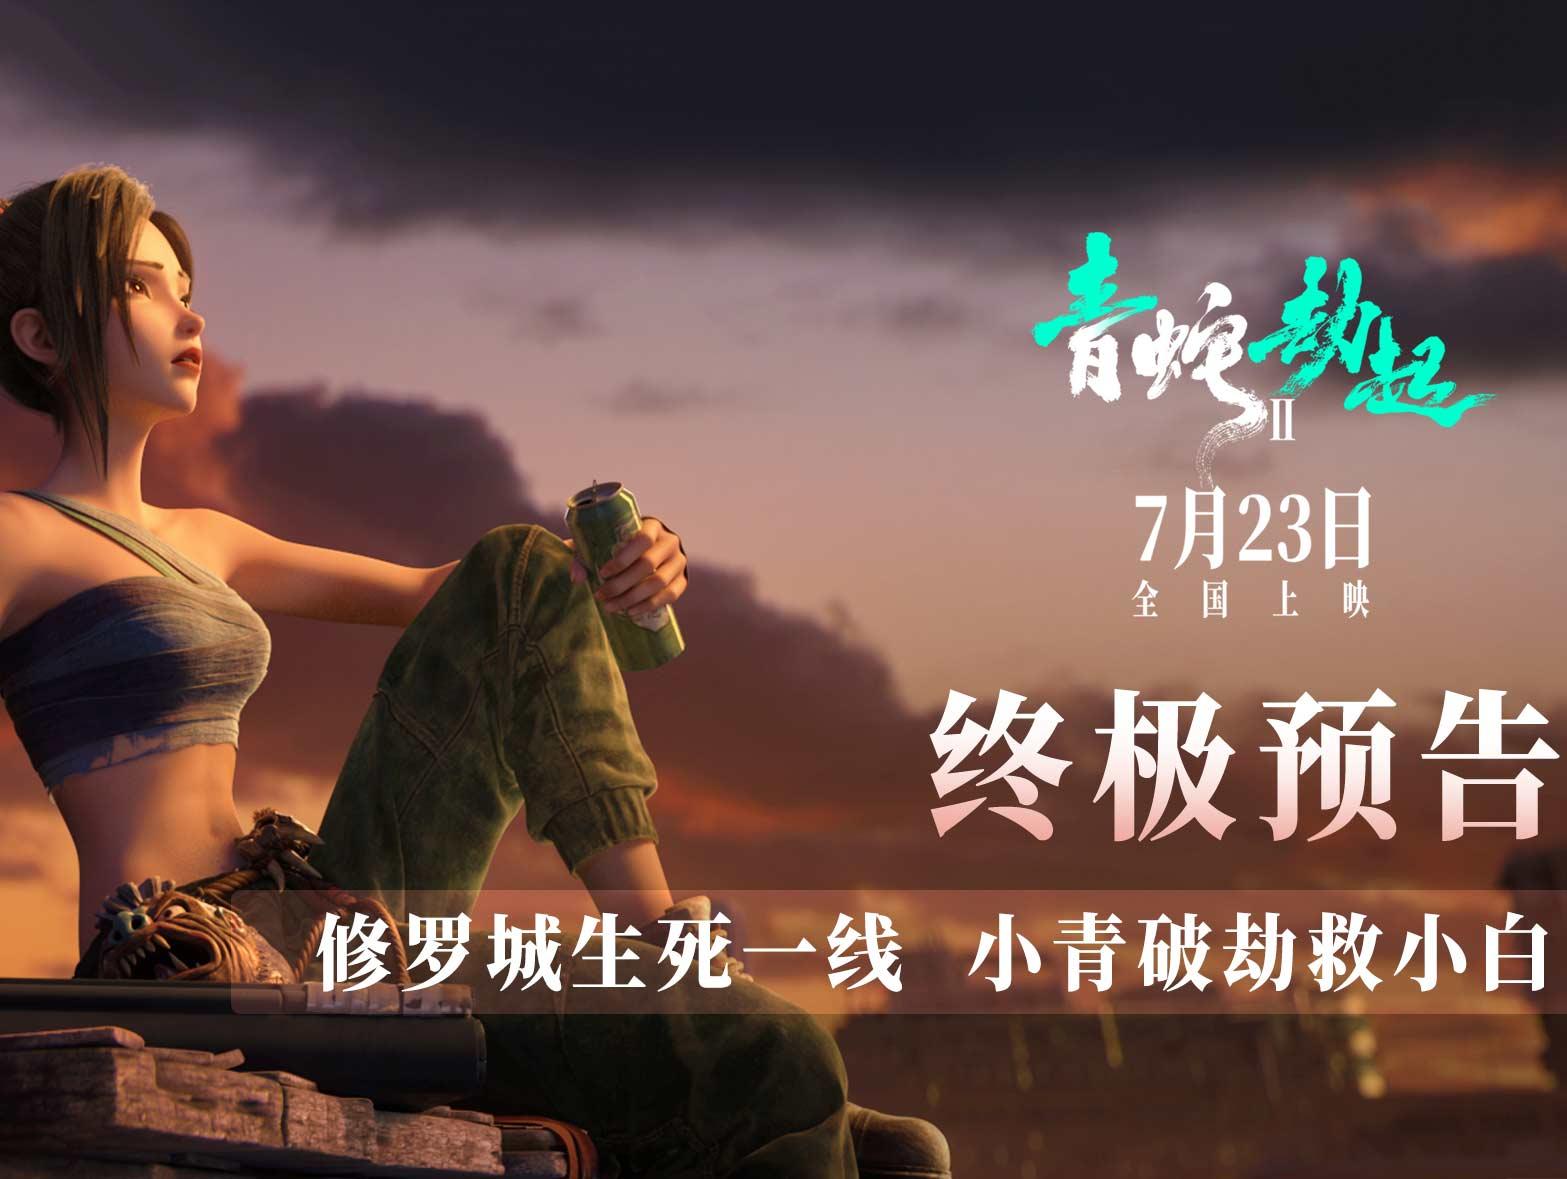 国漫电影《白蛇2:青蛇劫起》周五上映